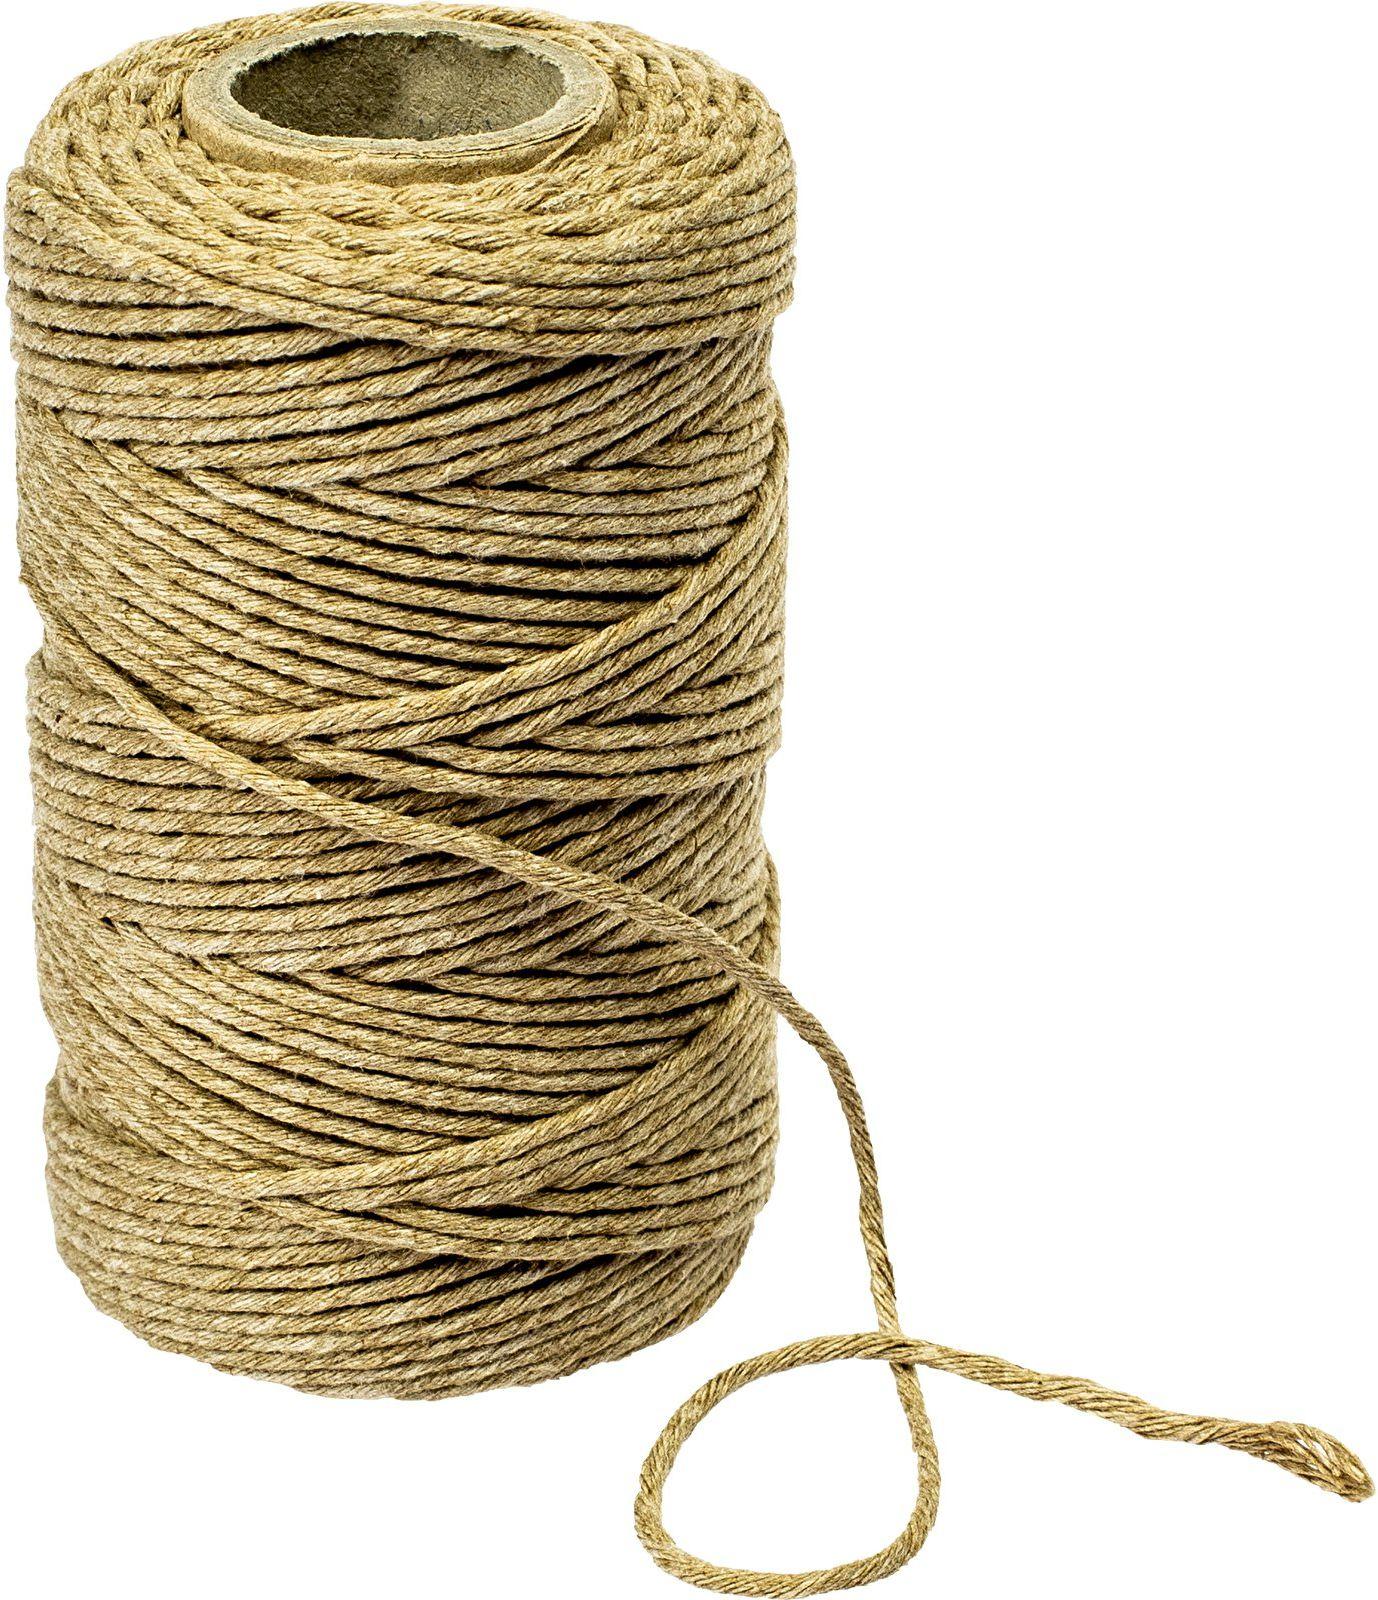 Nici wędliniarskie szare bawełniane (240 C) 75 m